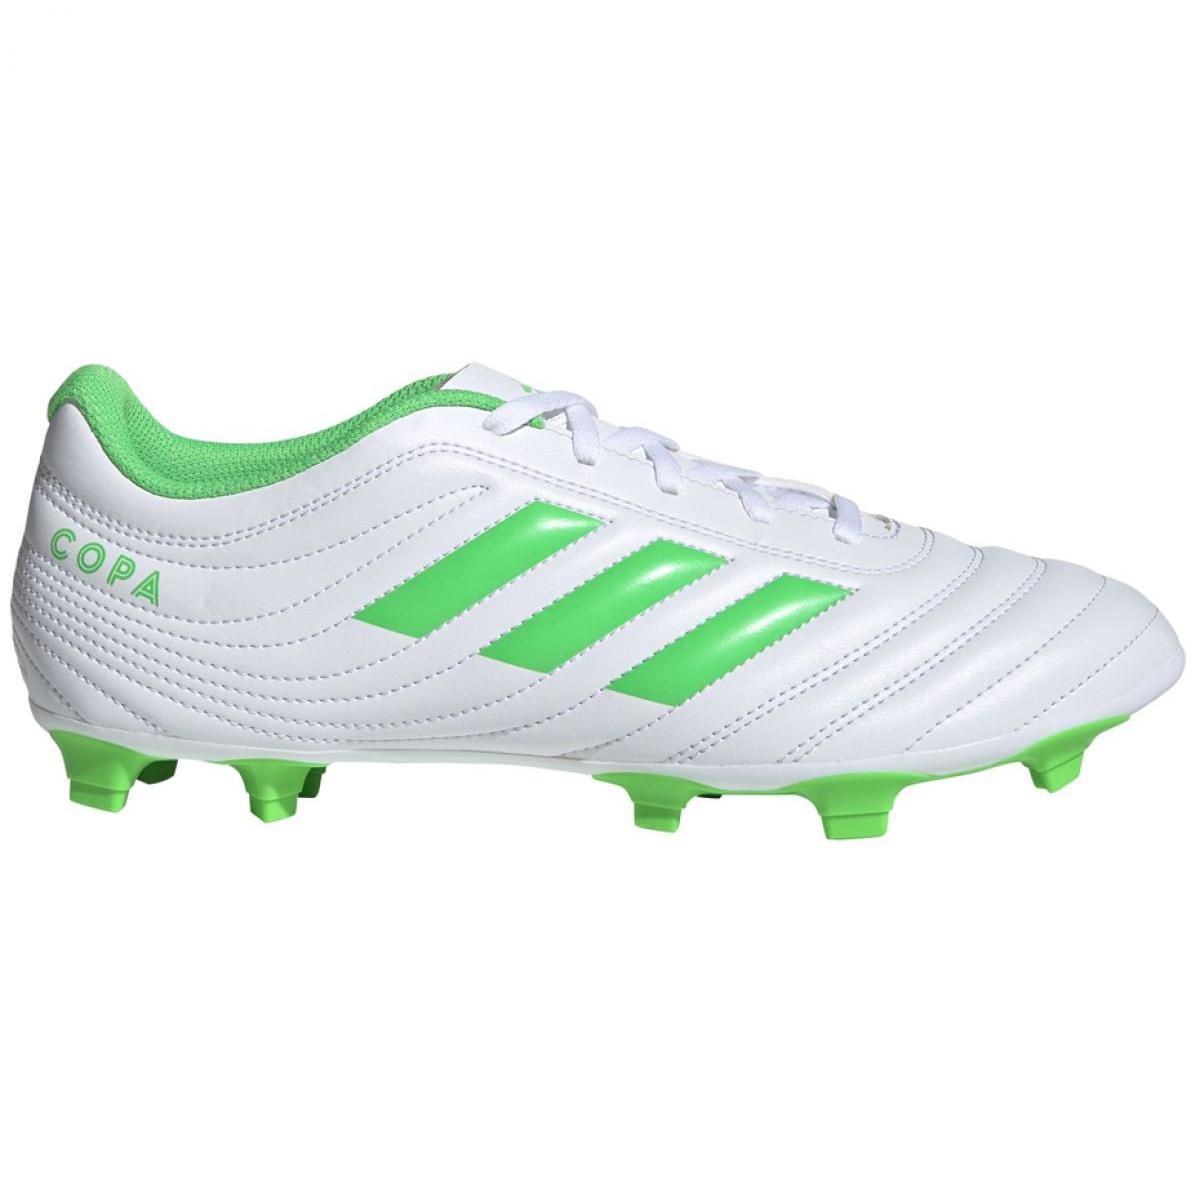 Fussballschuhe Adidas Copa 19 4 Fg M D98069 Weiss Grun Weiss